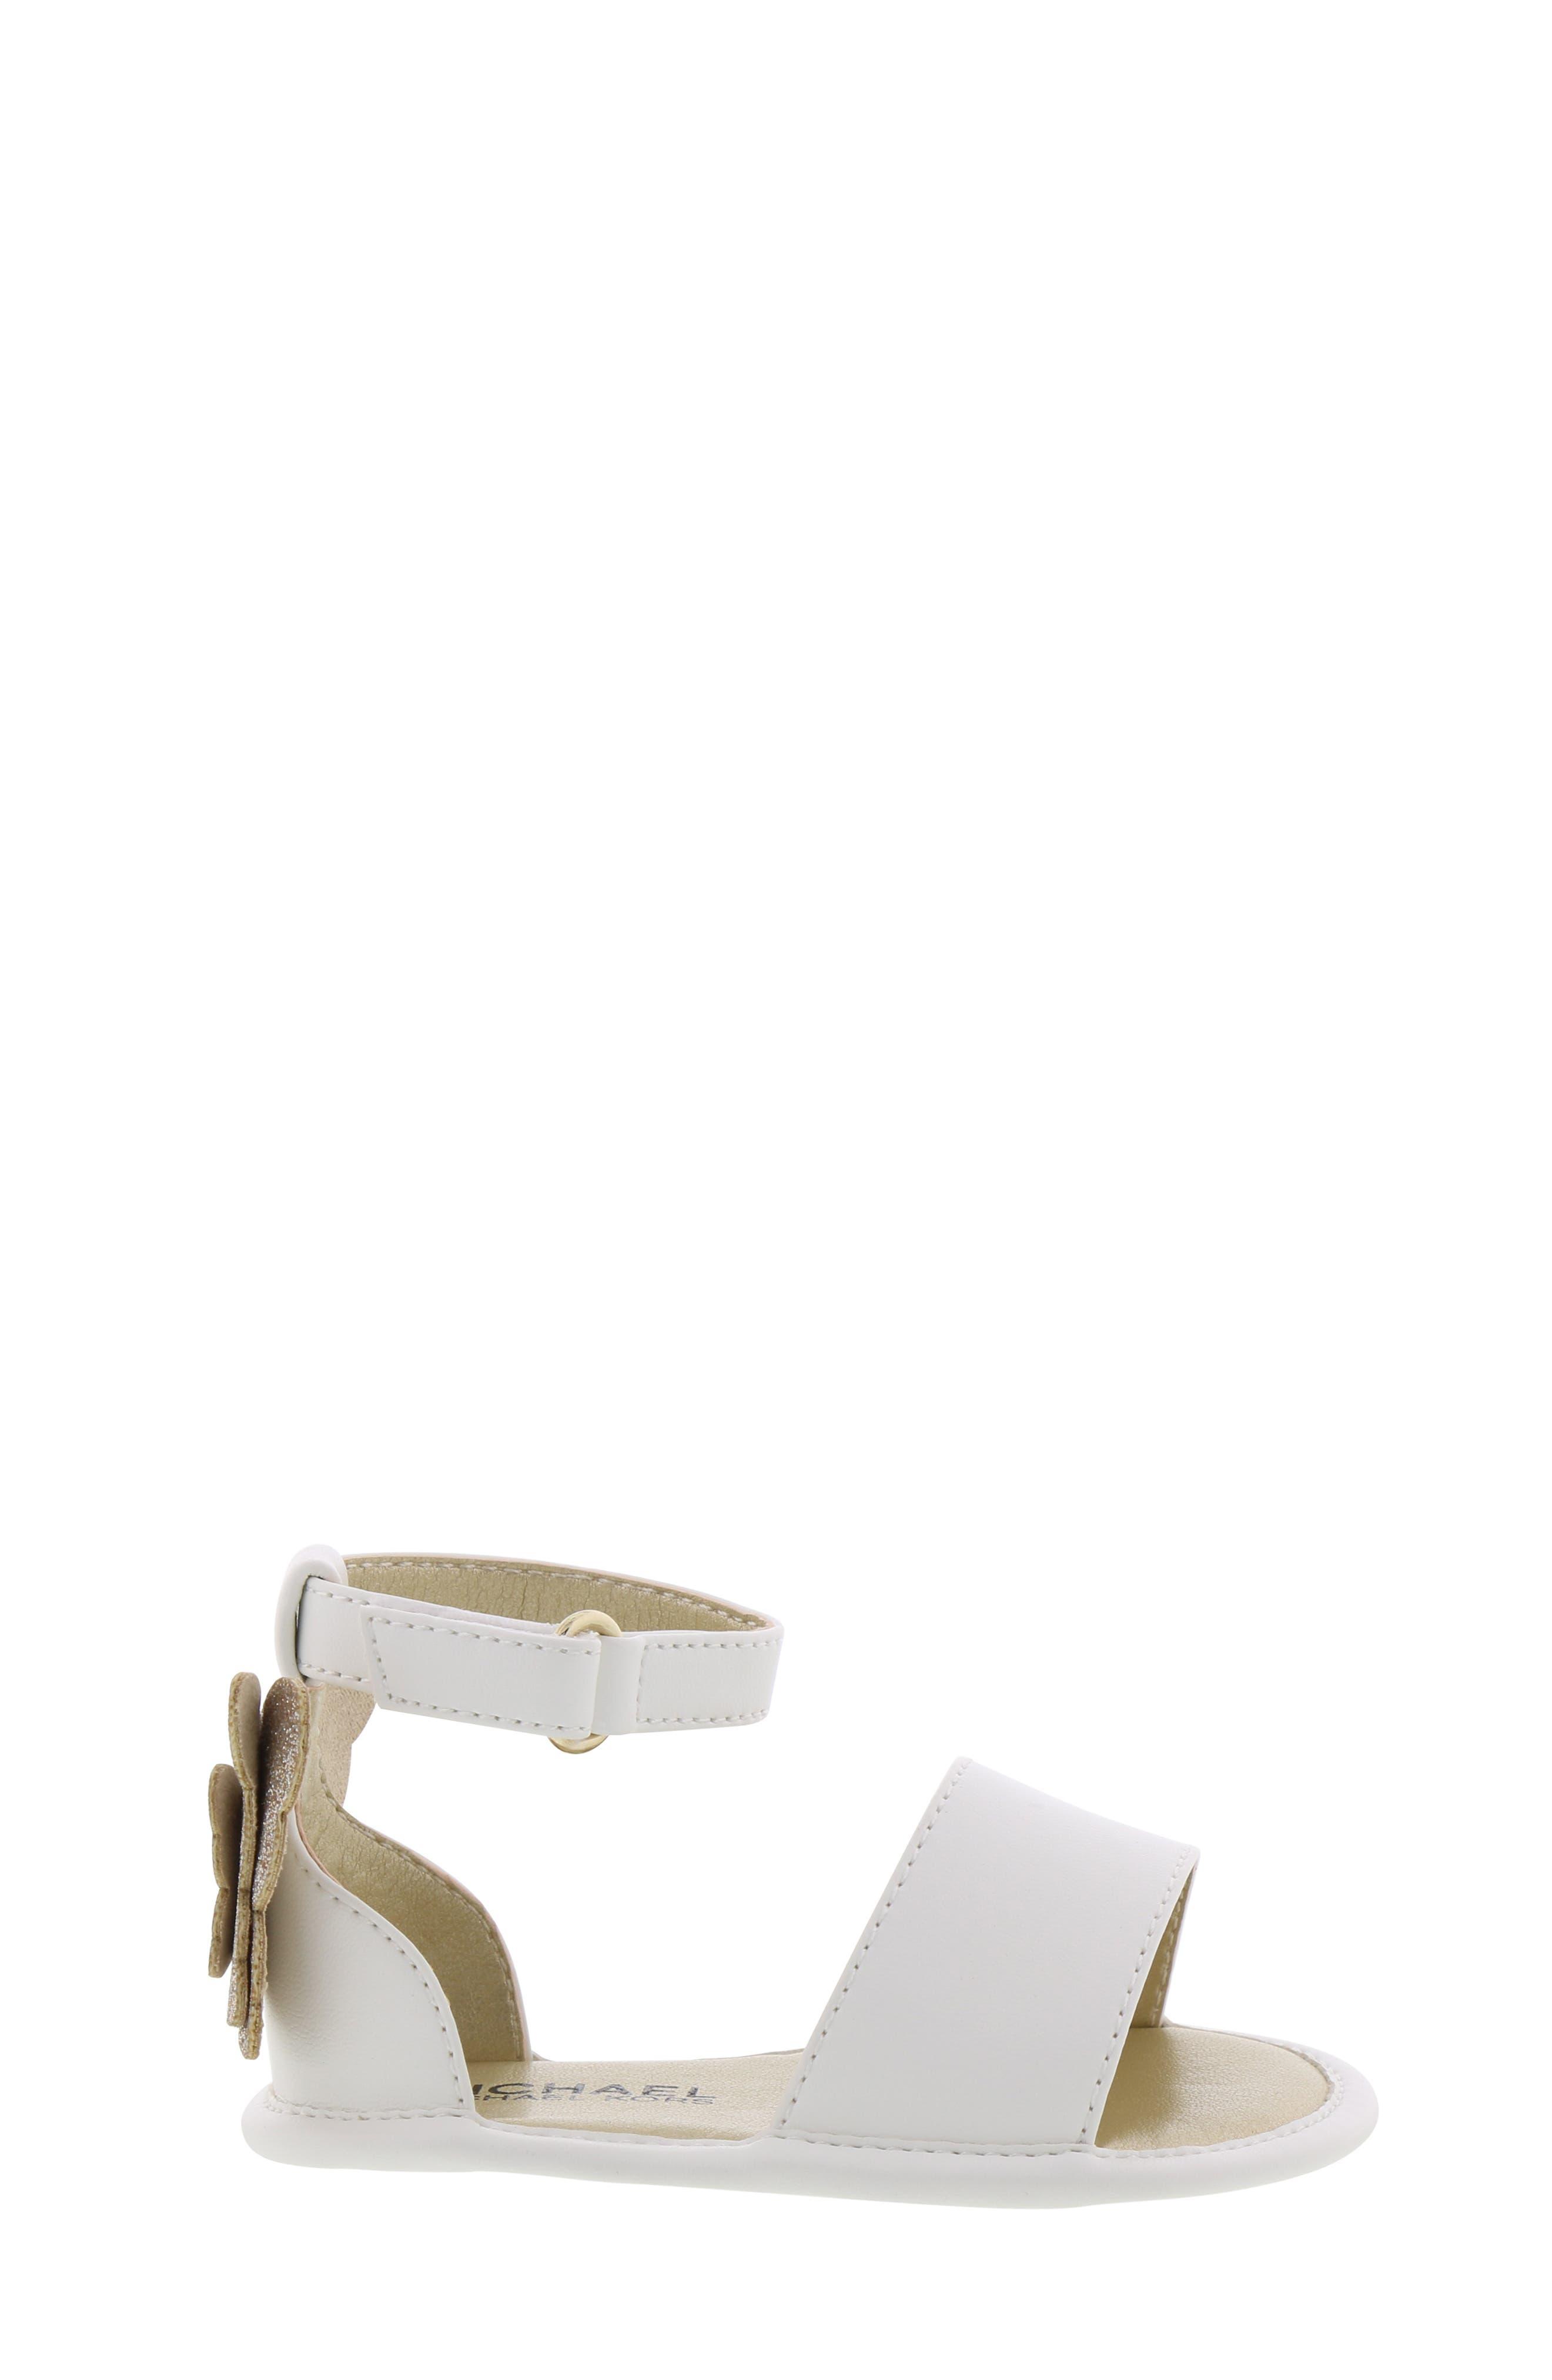 MICHAEL MICHAEL KORS, Tilly Sansa Glitter Sandal, Alternate thumbnail 3, color, WHITE